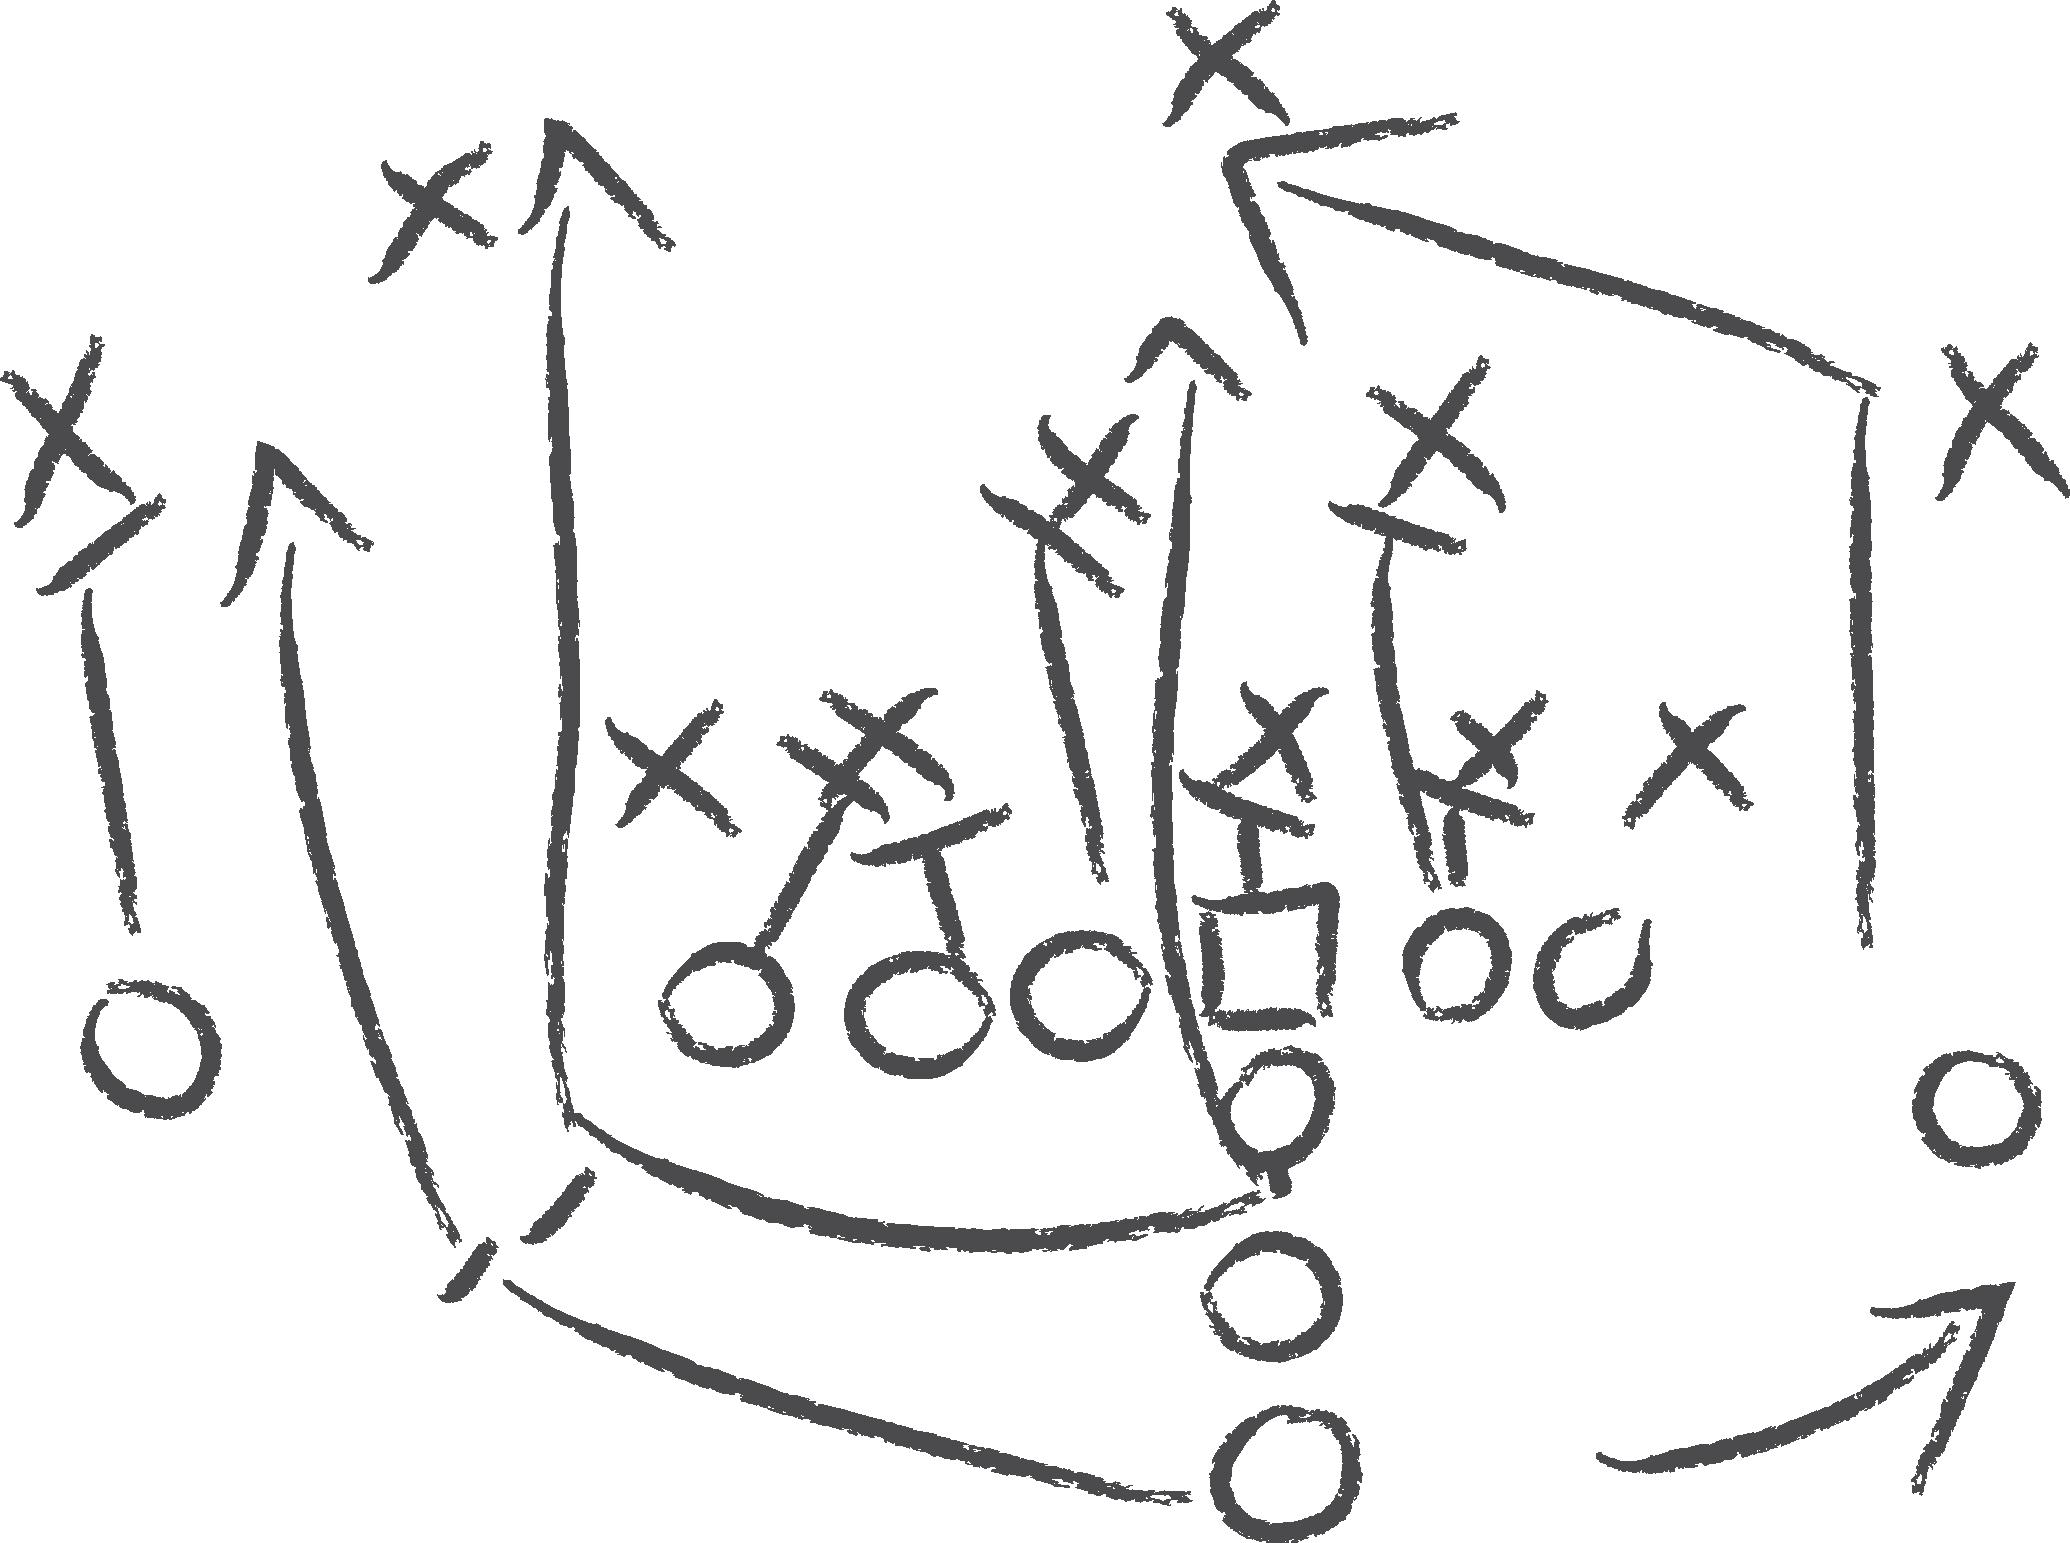 football playbook drawing at getdrawings com